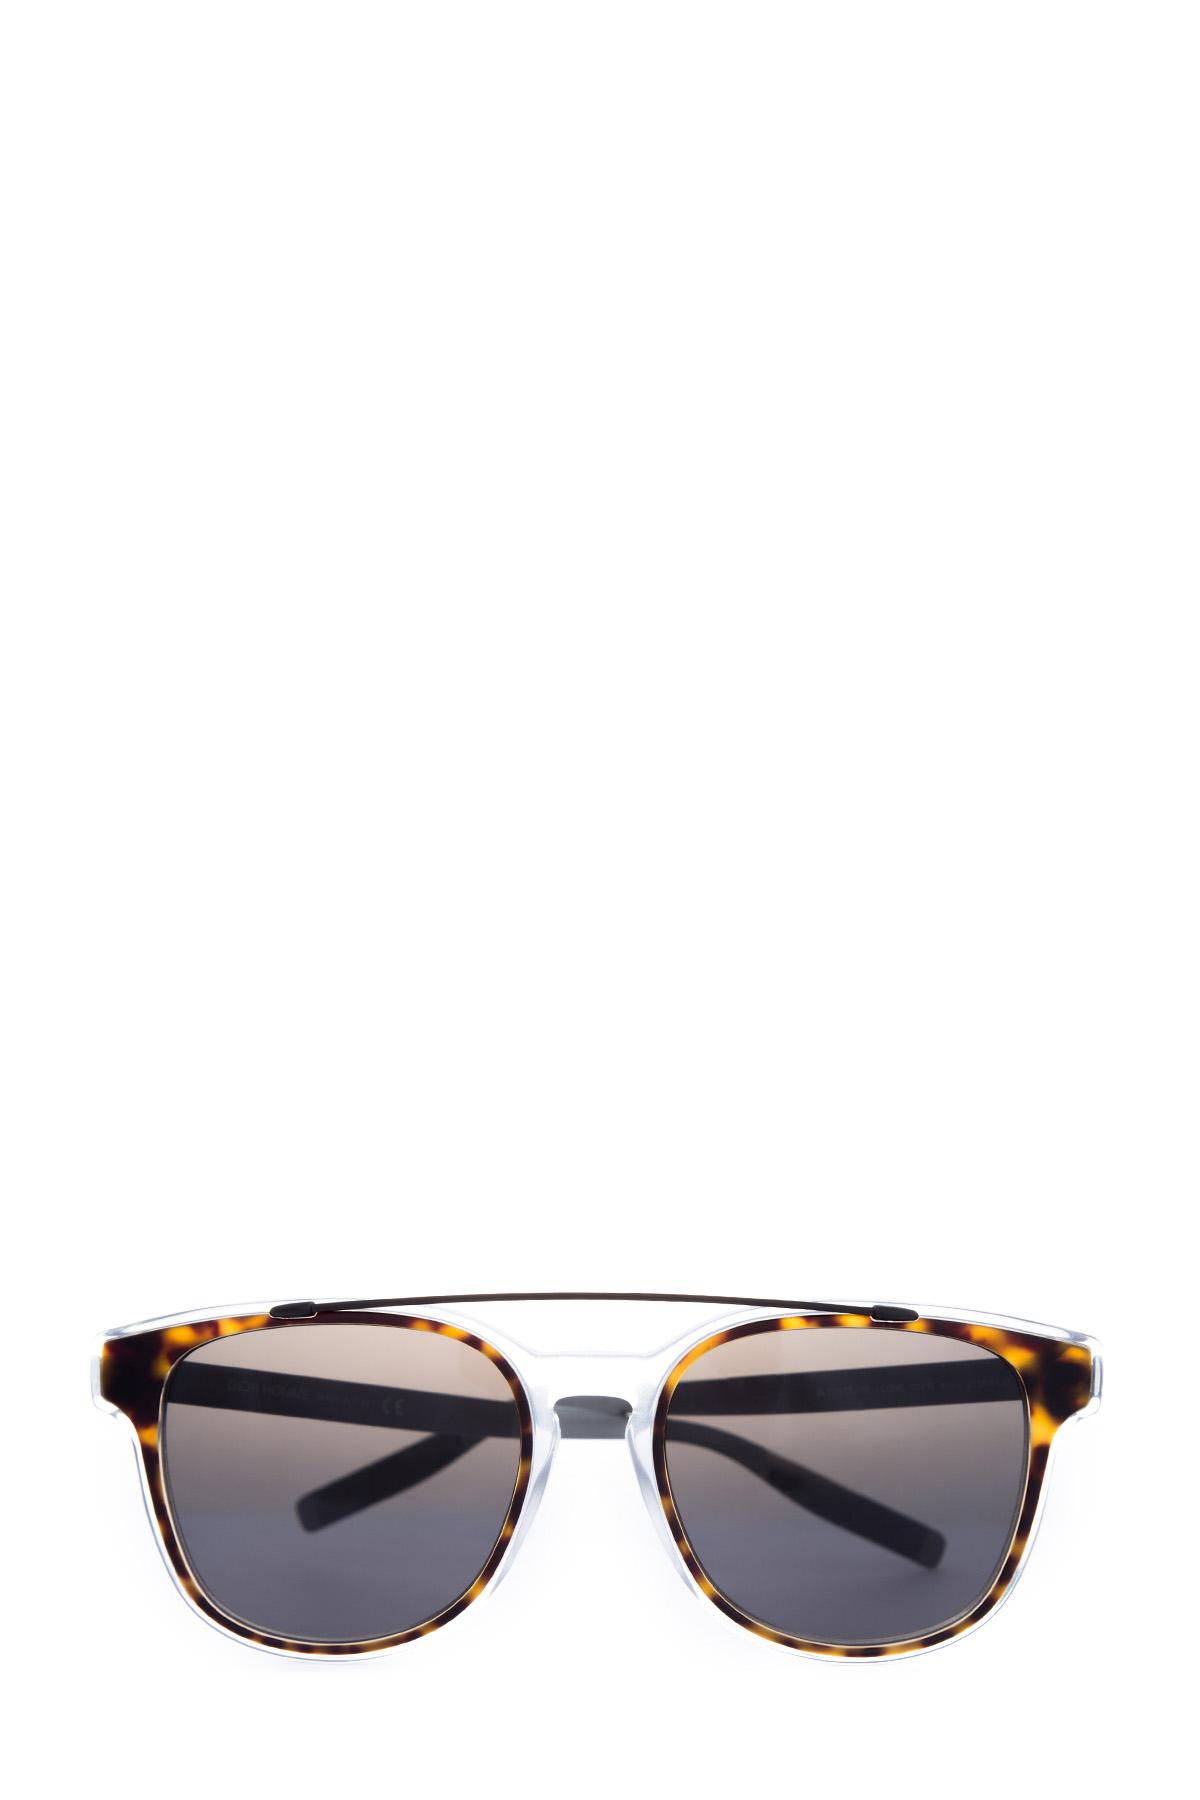 Очки, DIOR (sunglasses) men, Франция, металл 50%, пластик 50%  - купить со скидкой